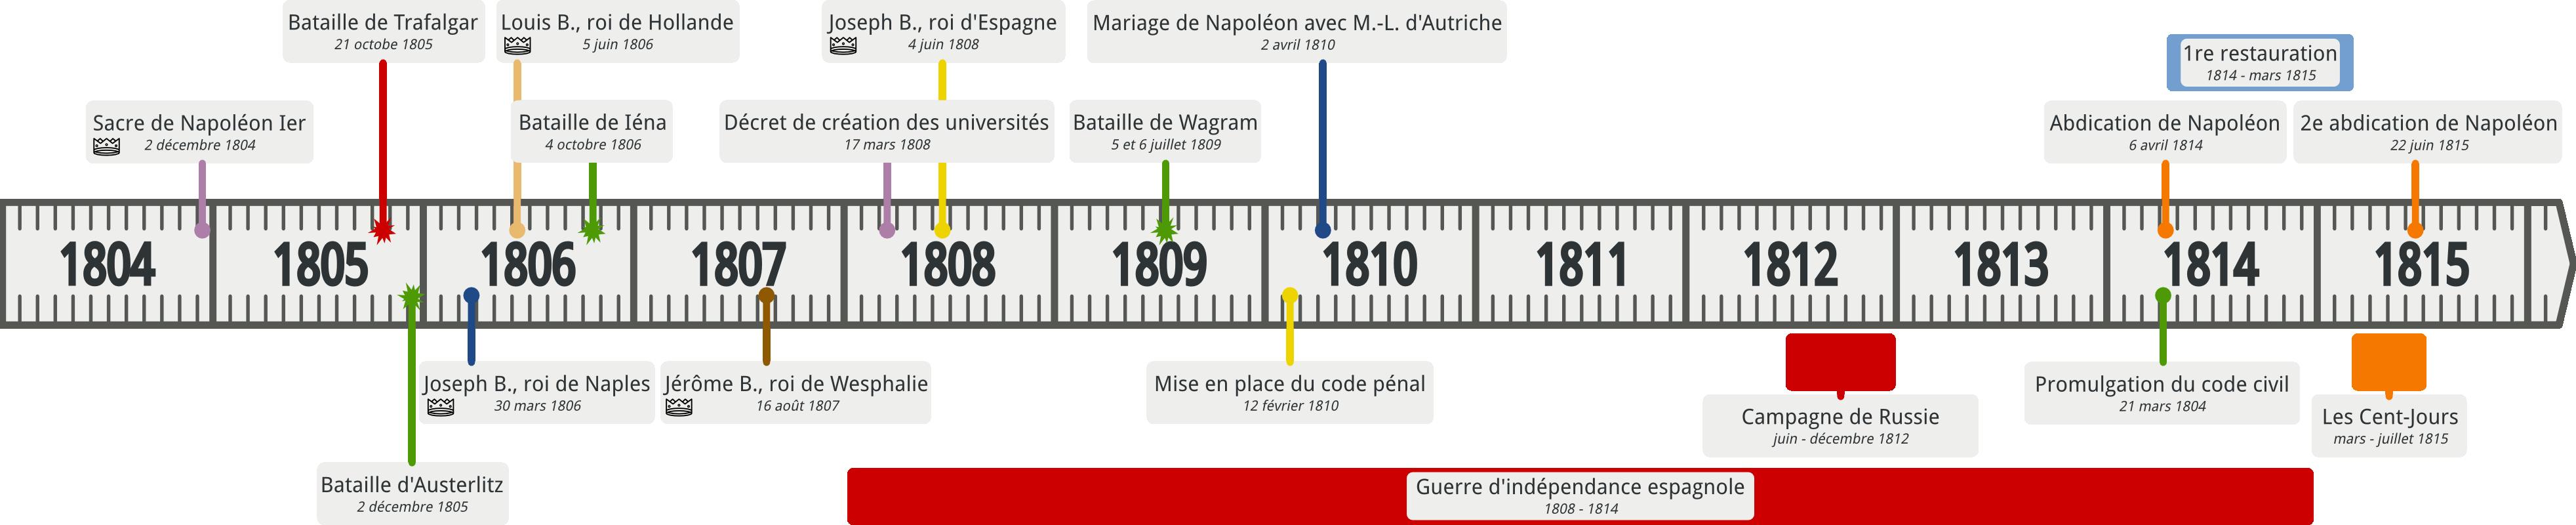 Frises Chronologiques Empire Consulat Napoléon Ecole